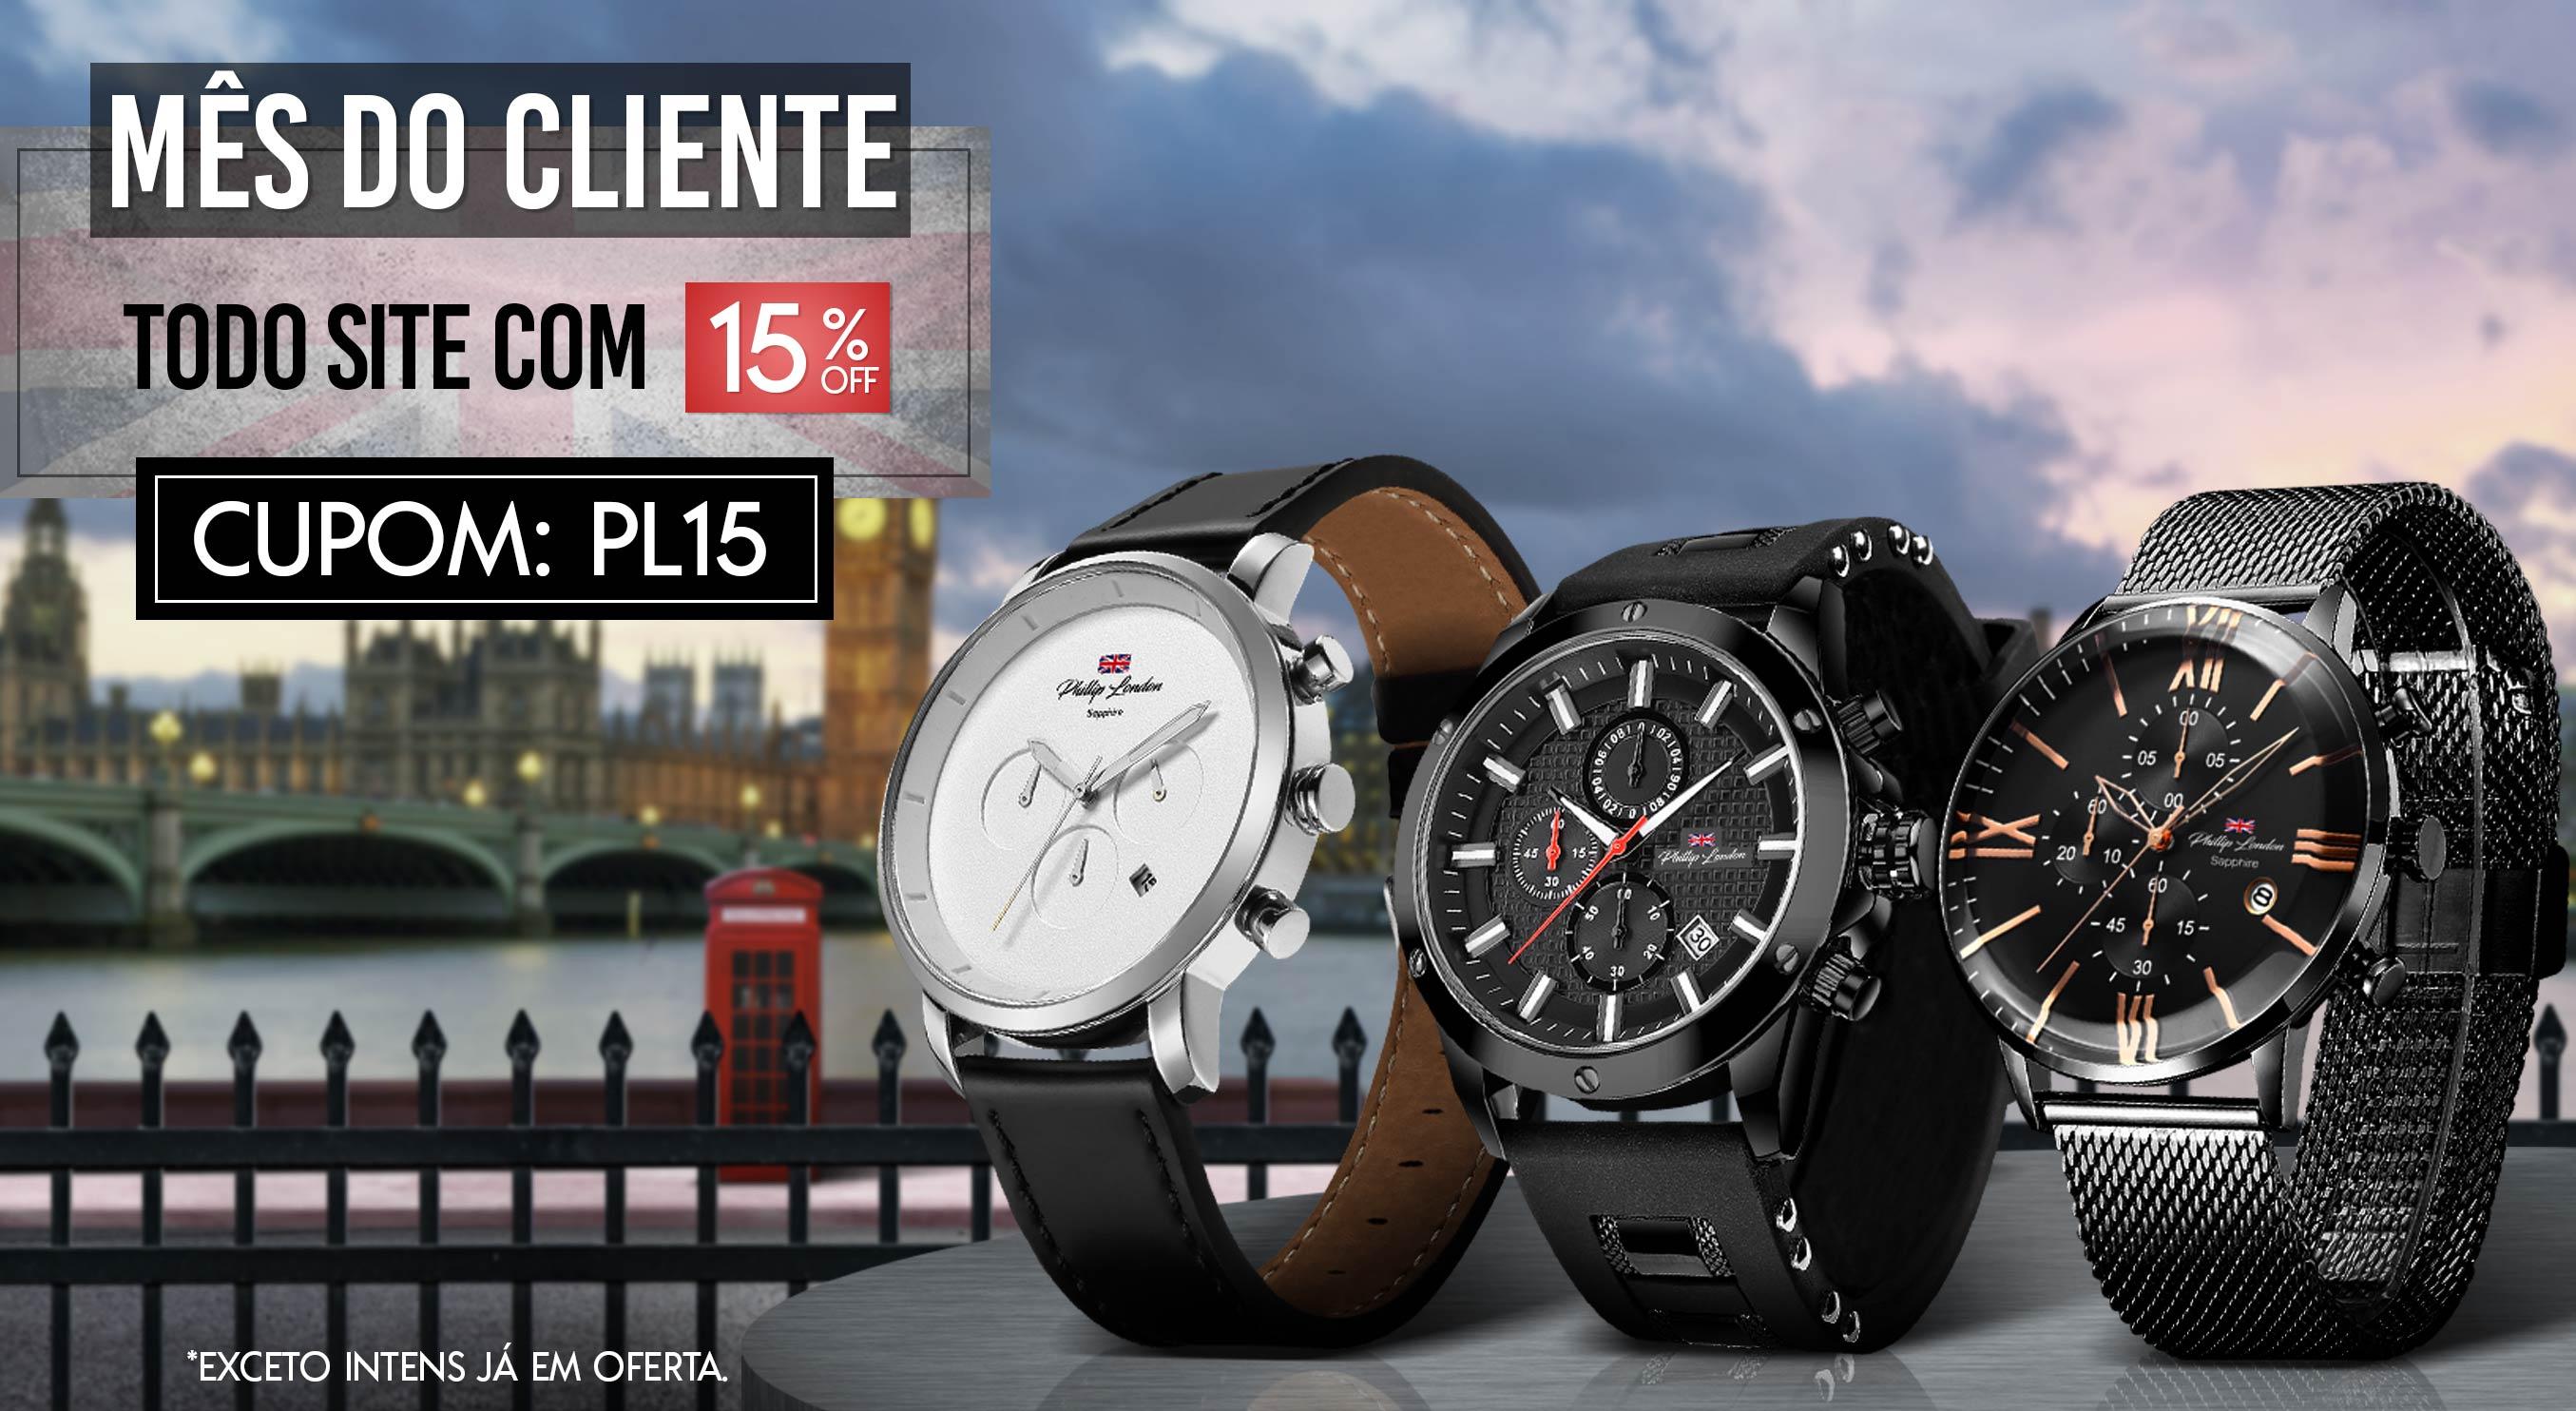 Banner Mês do Cliente Mobile